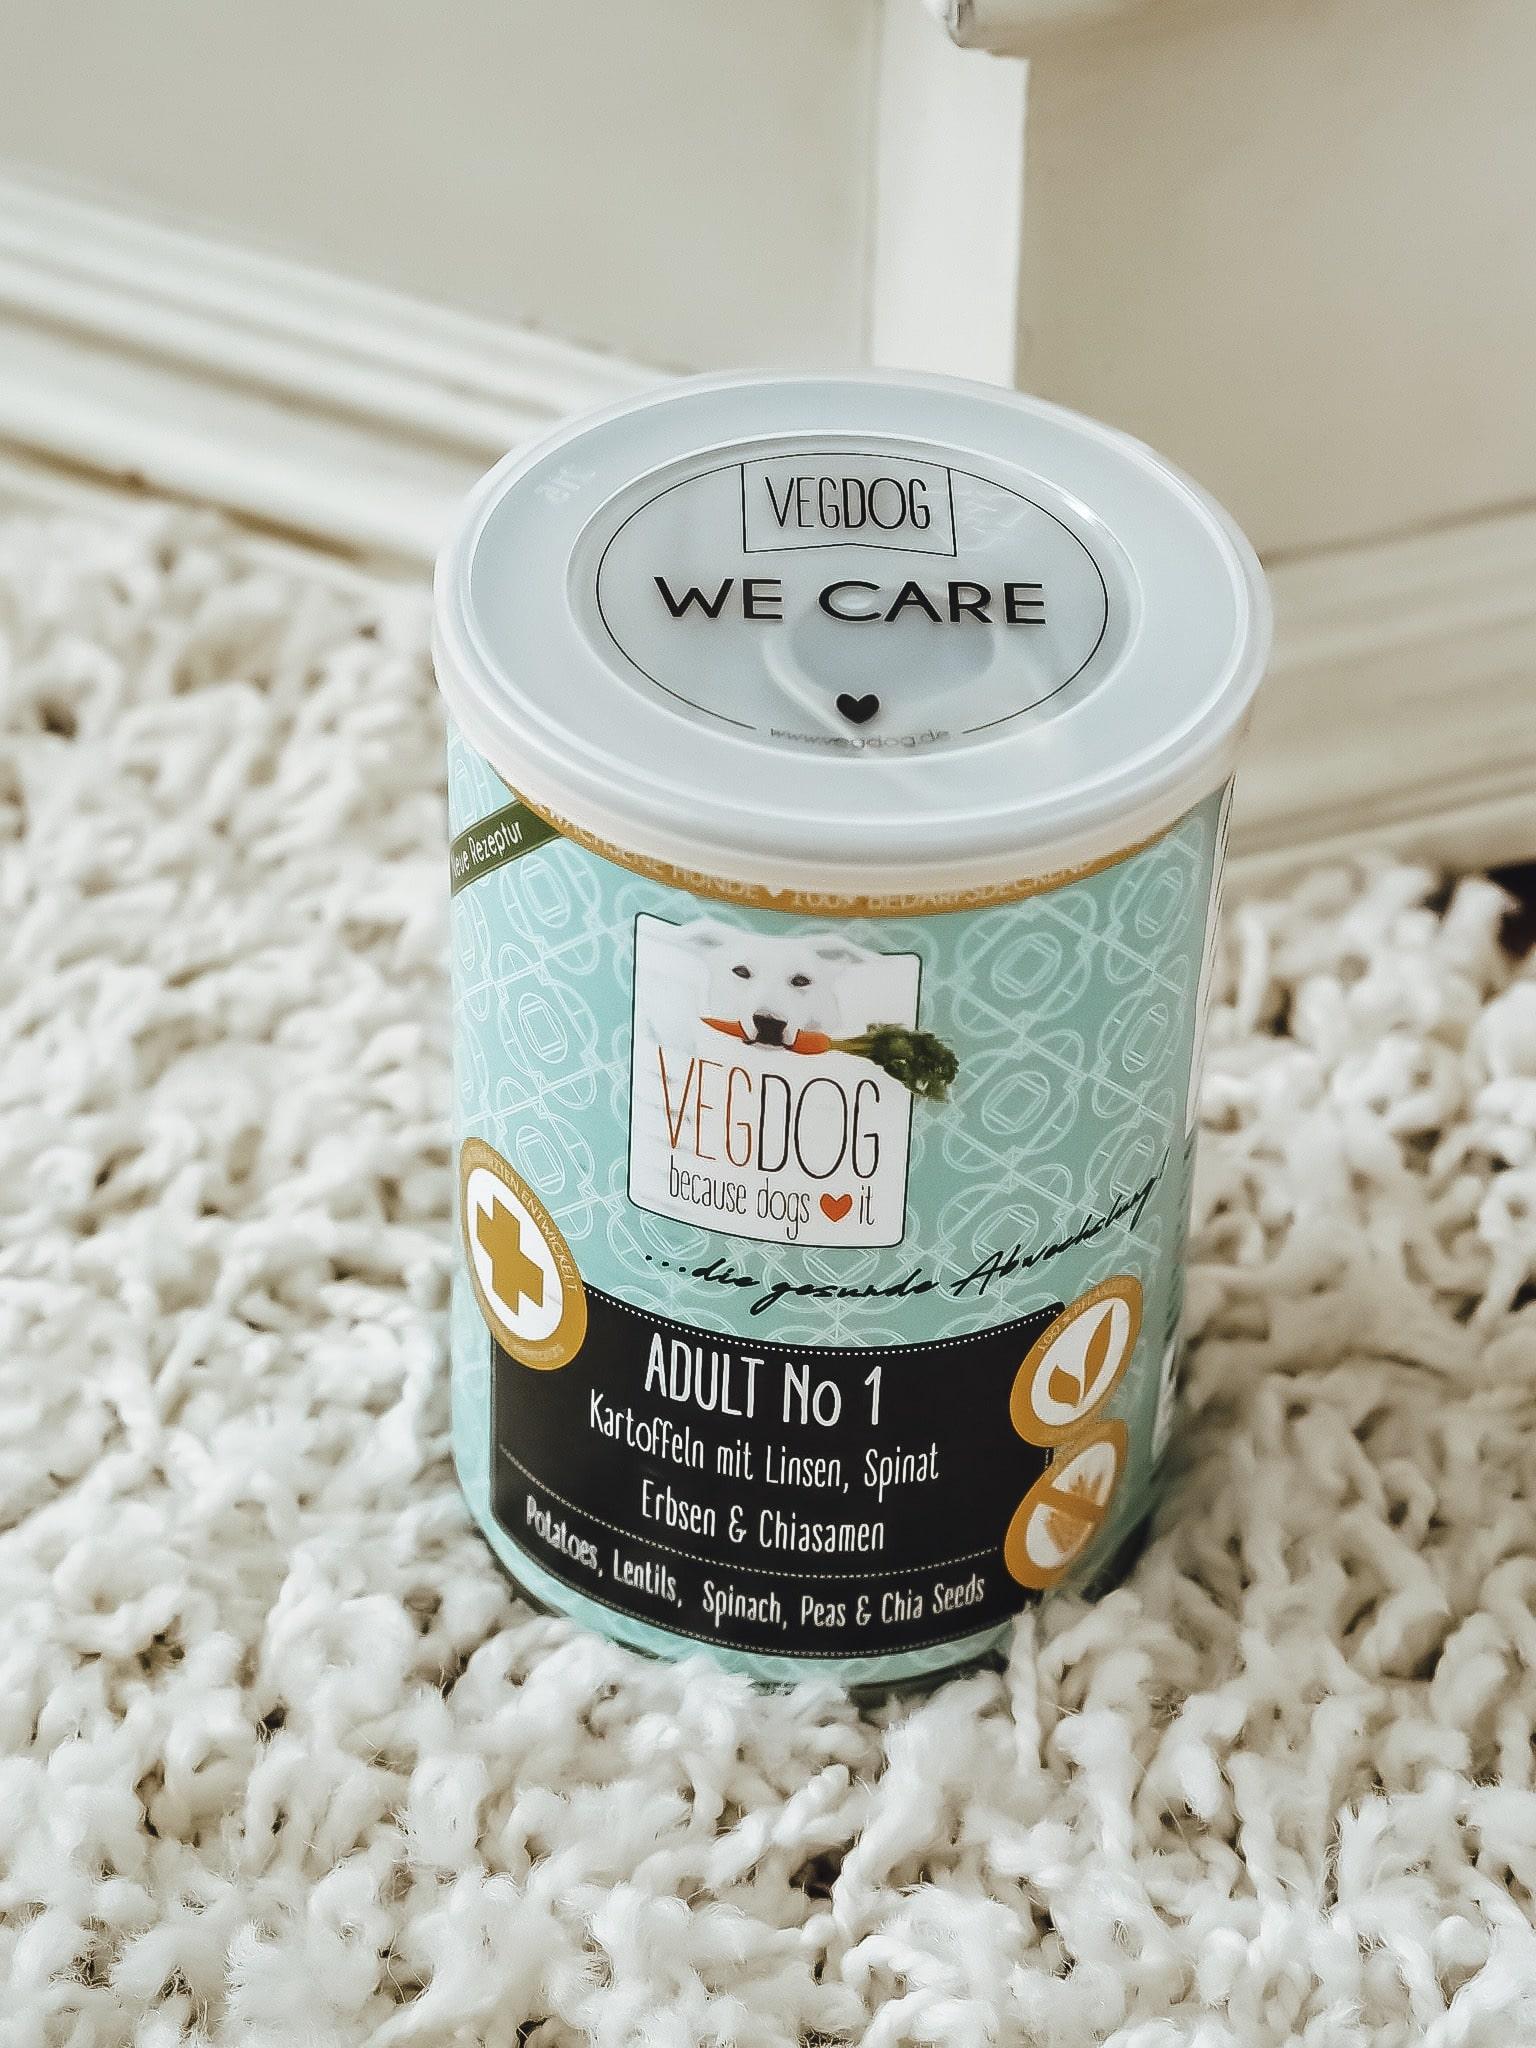 Bei VegDoghandelt es sich um eine top Marke, die sich ausschließlich auf veganes Alleinfuttermittel für Hunde spezialisiert hat. Mehr HIER auf dem Blog !!!